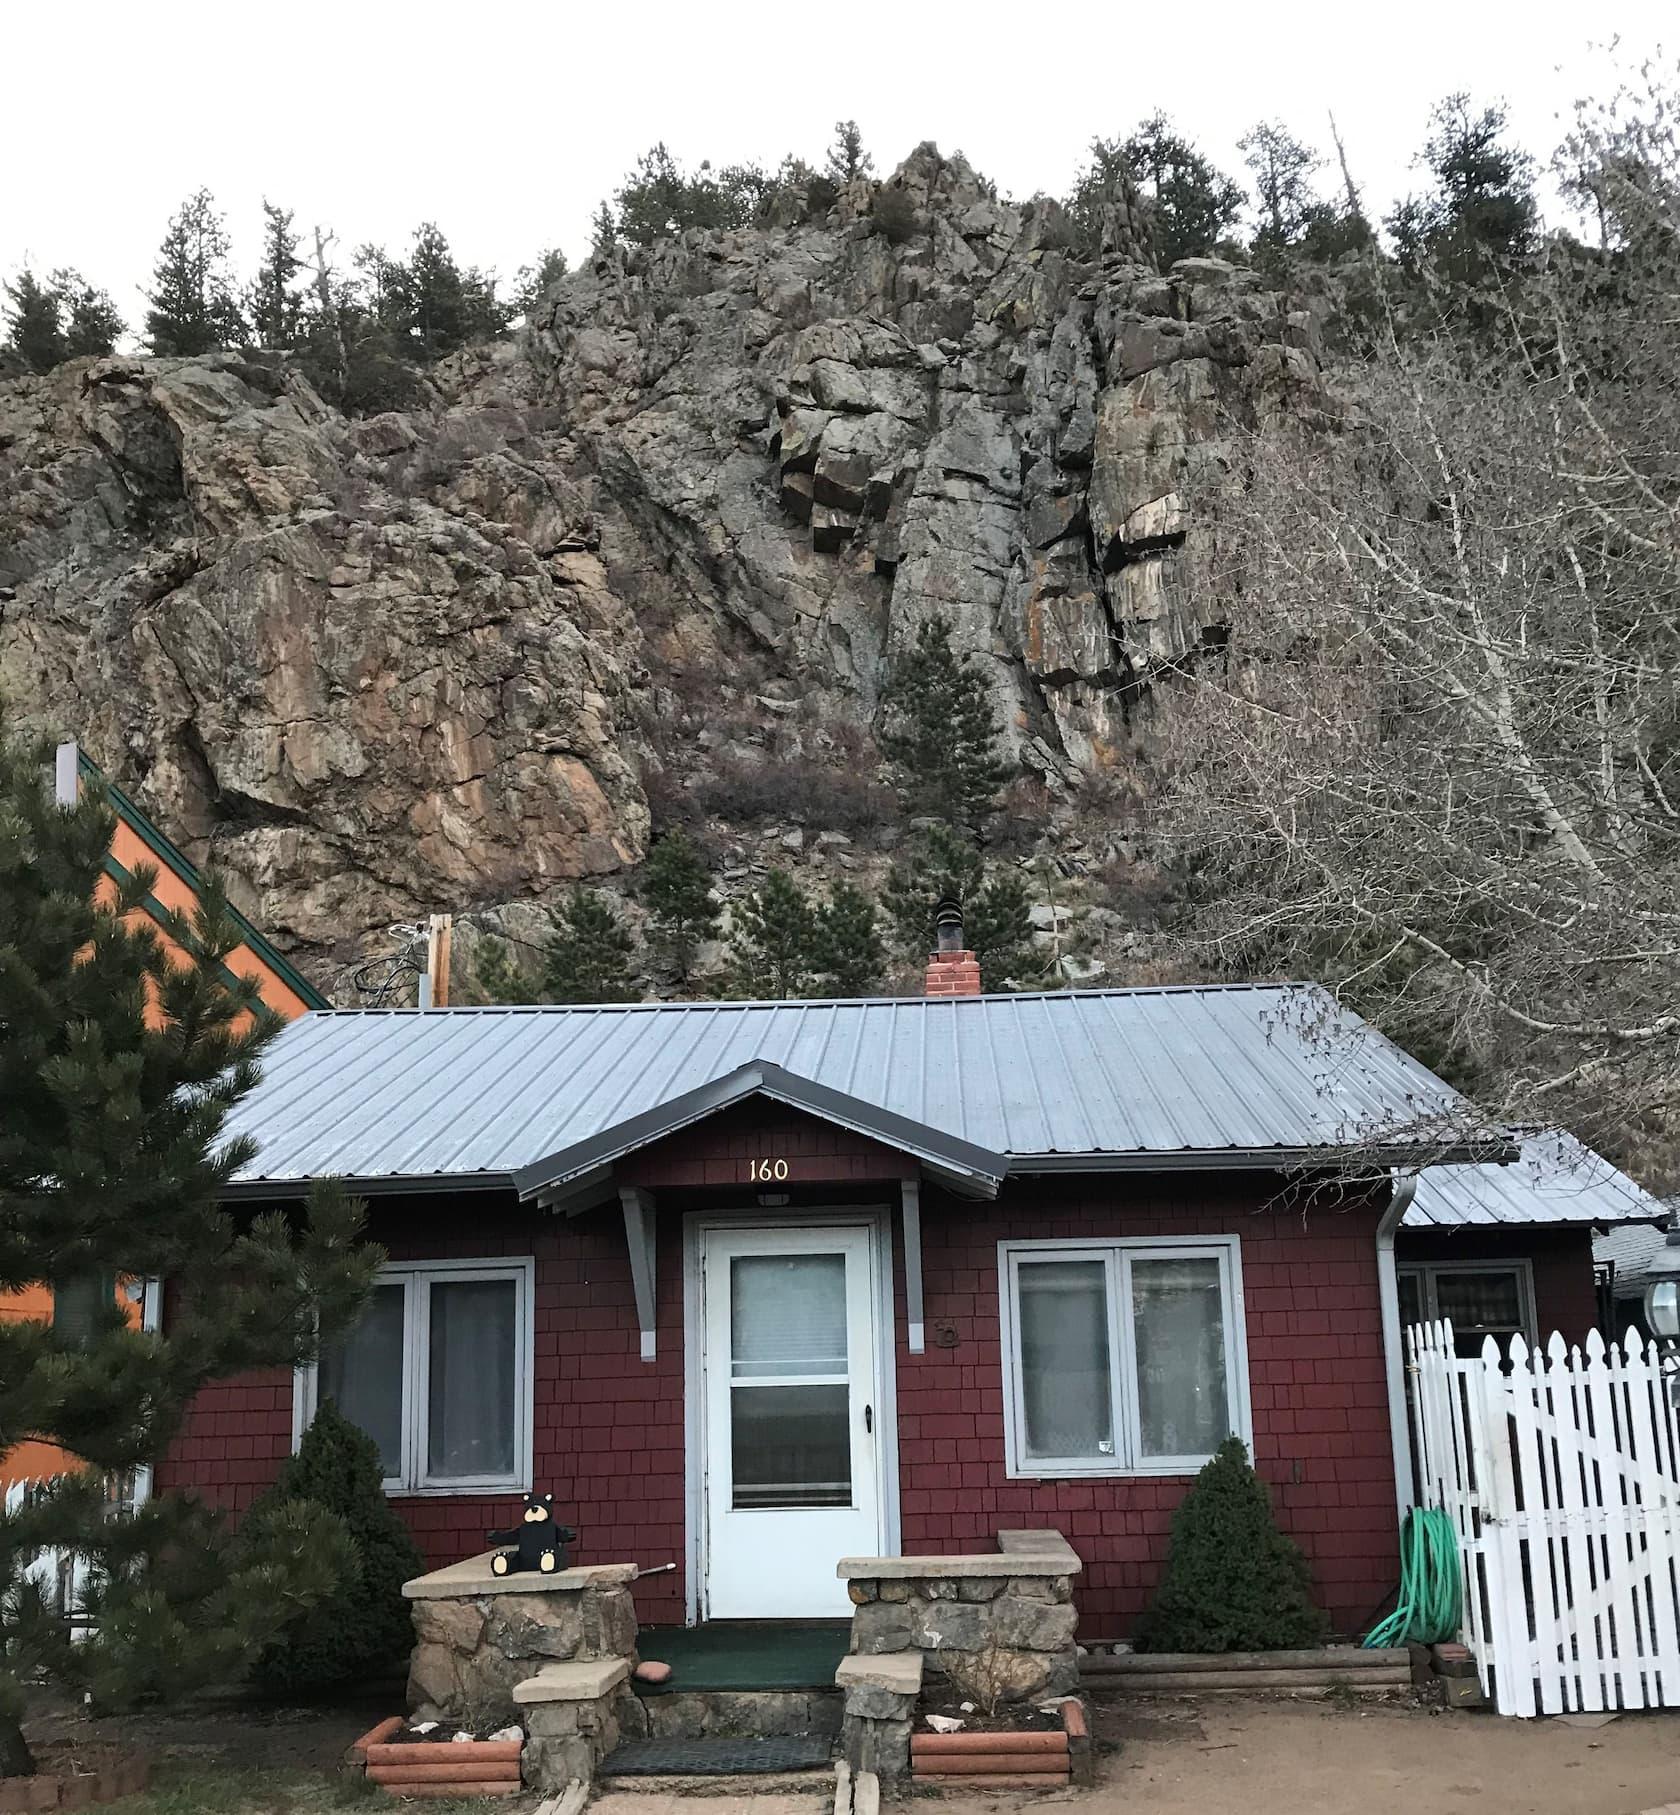 Cabin Airbnb in Ests Park Colorado